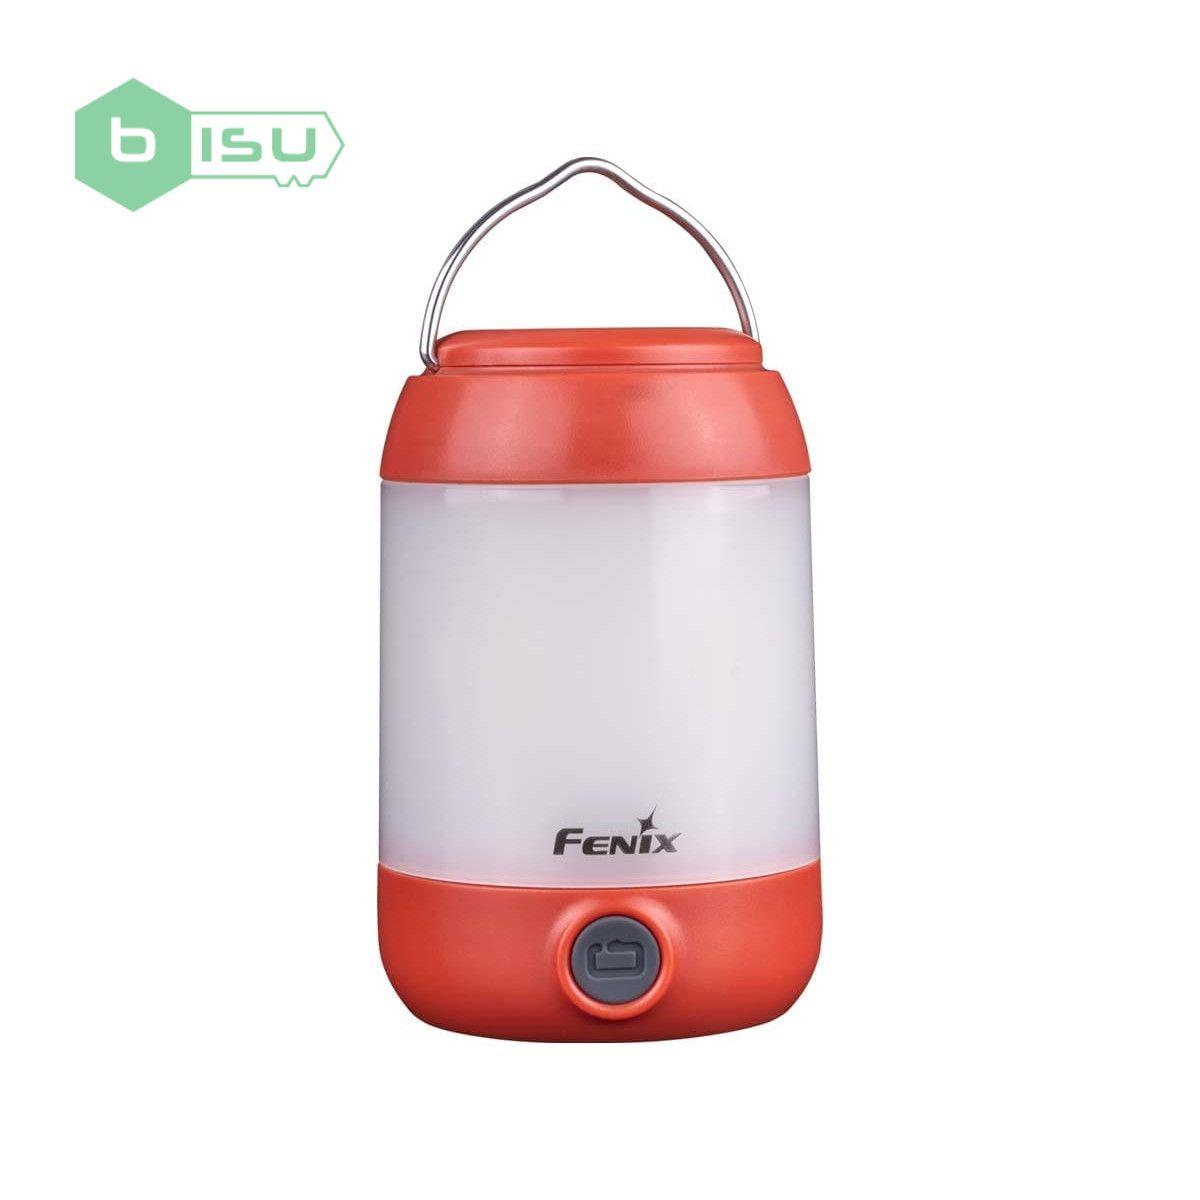 Đèn pin Fenix - CL23 Red - 300 Lumens (Màu đỏ)